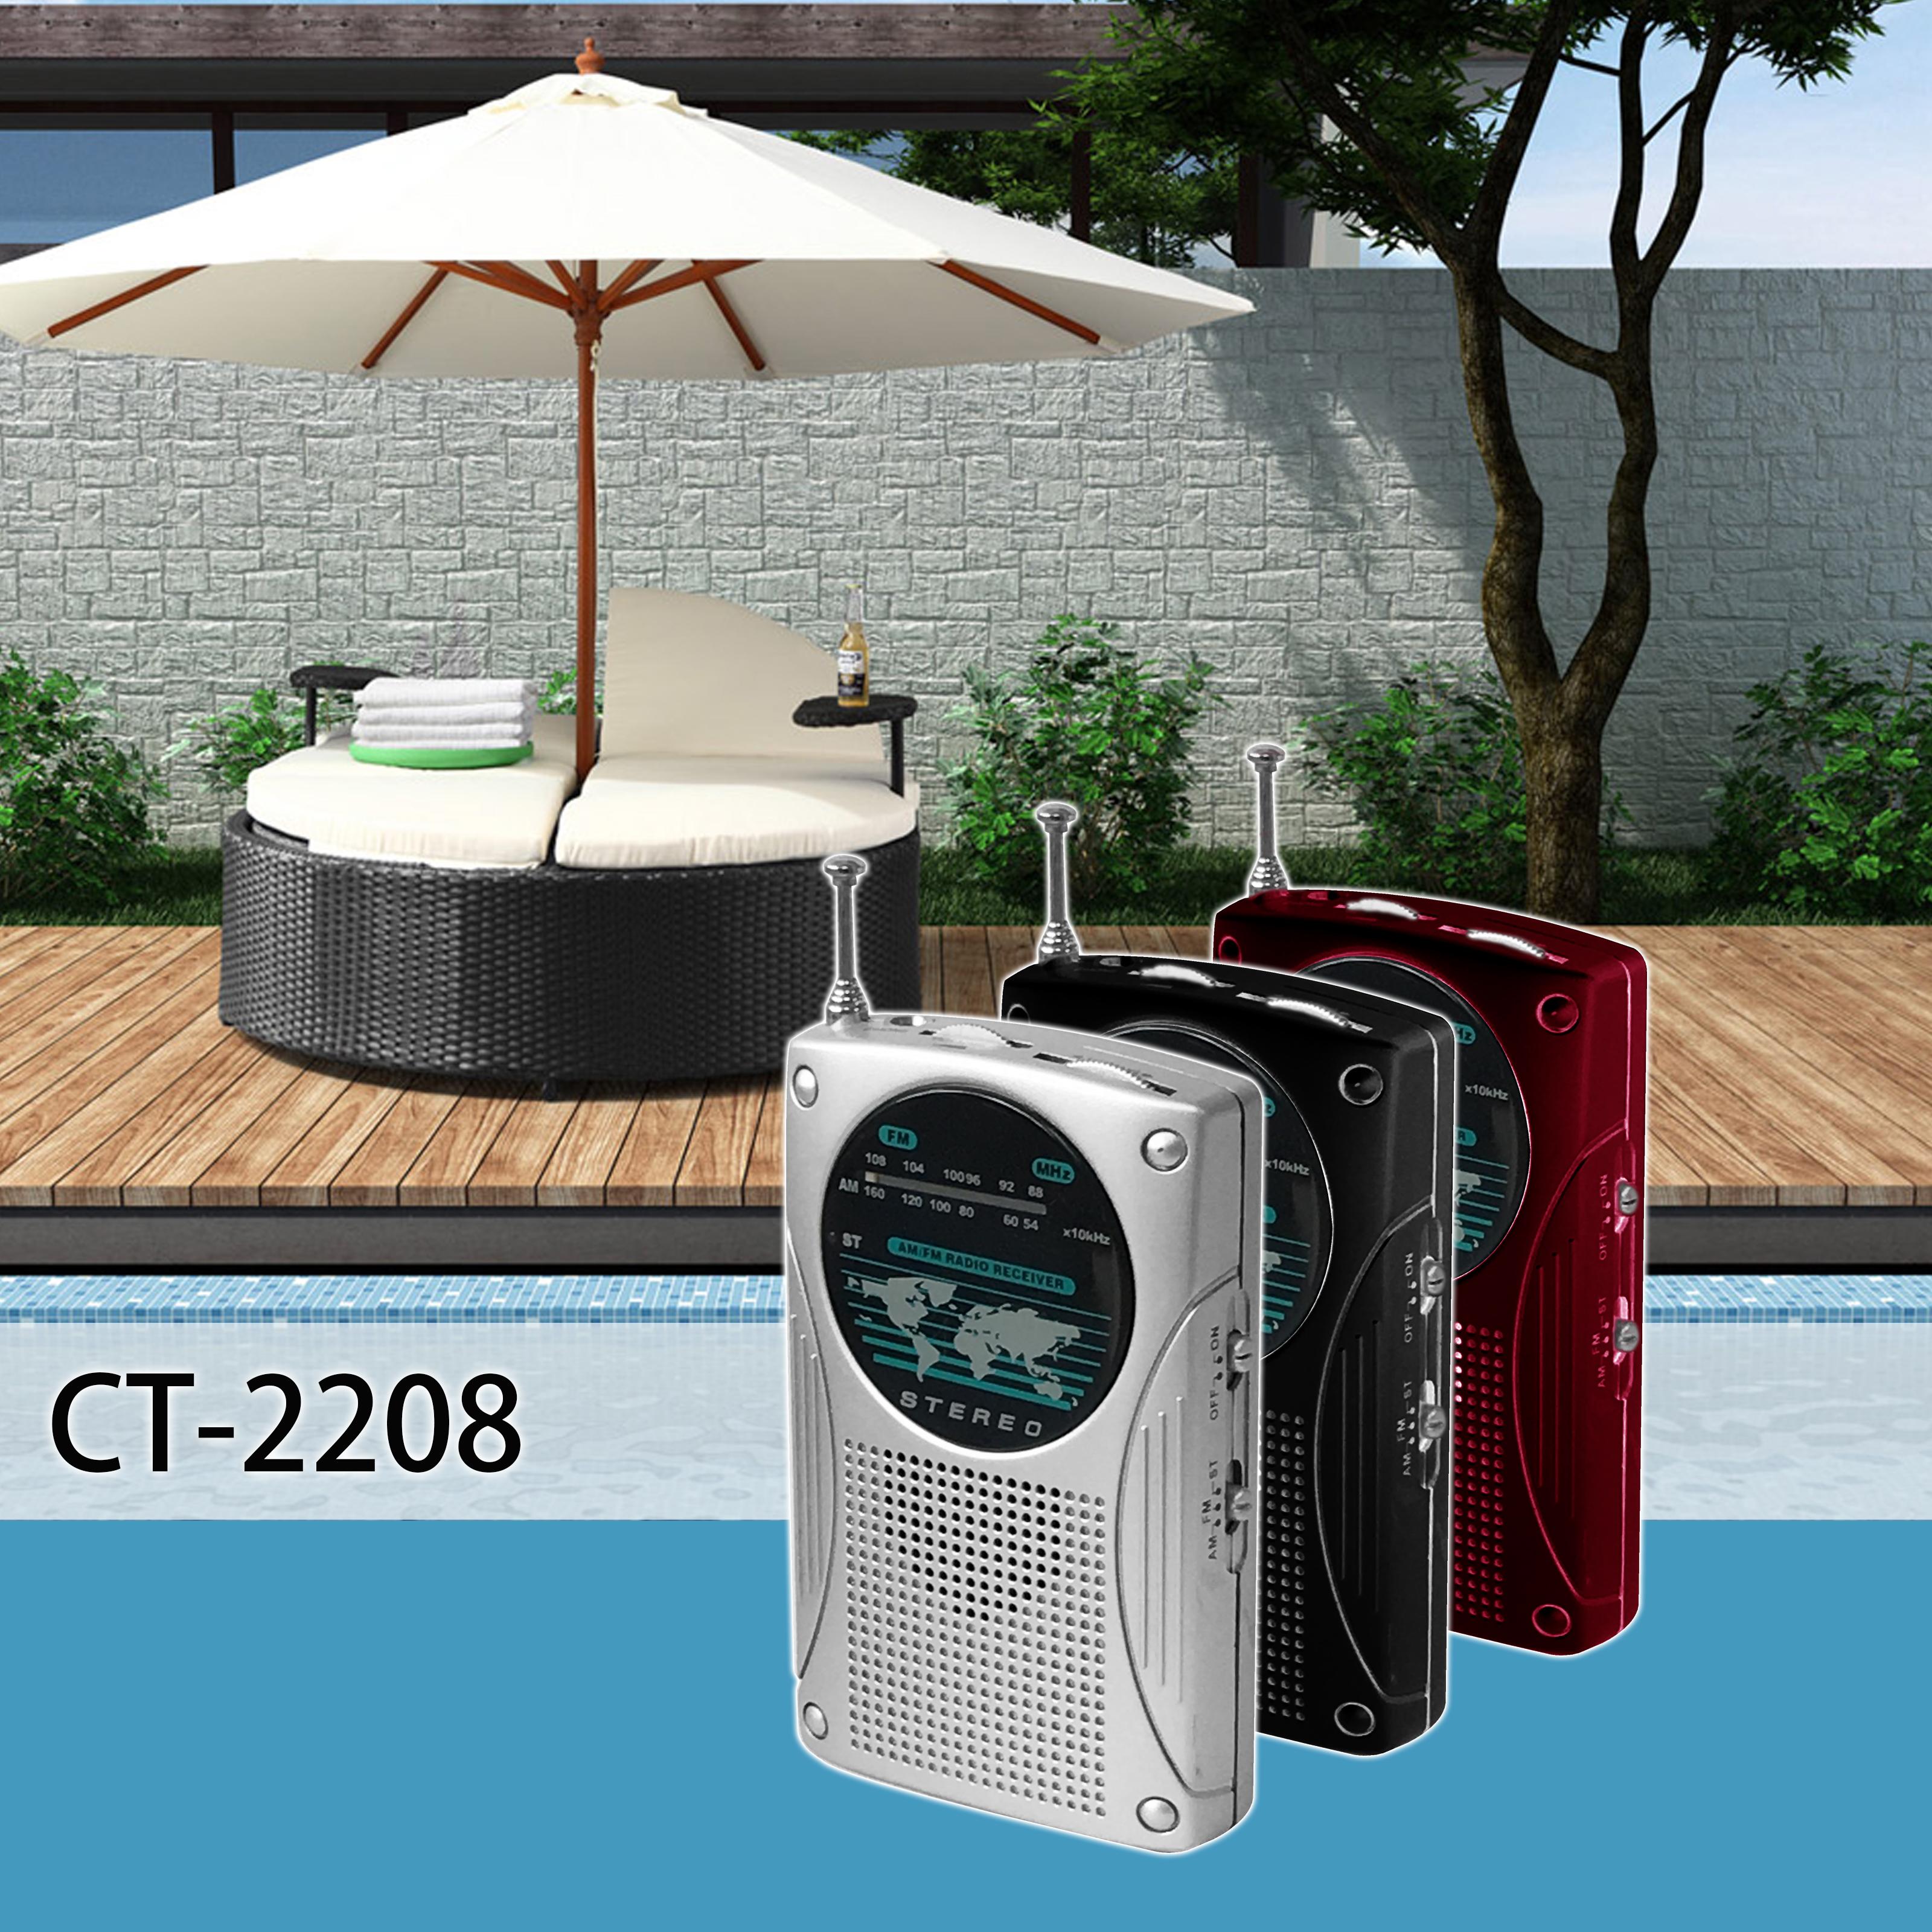 CT-2208 poolside.jpg